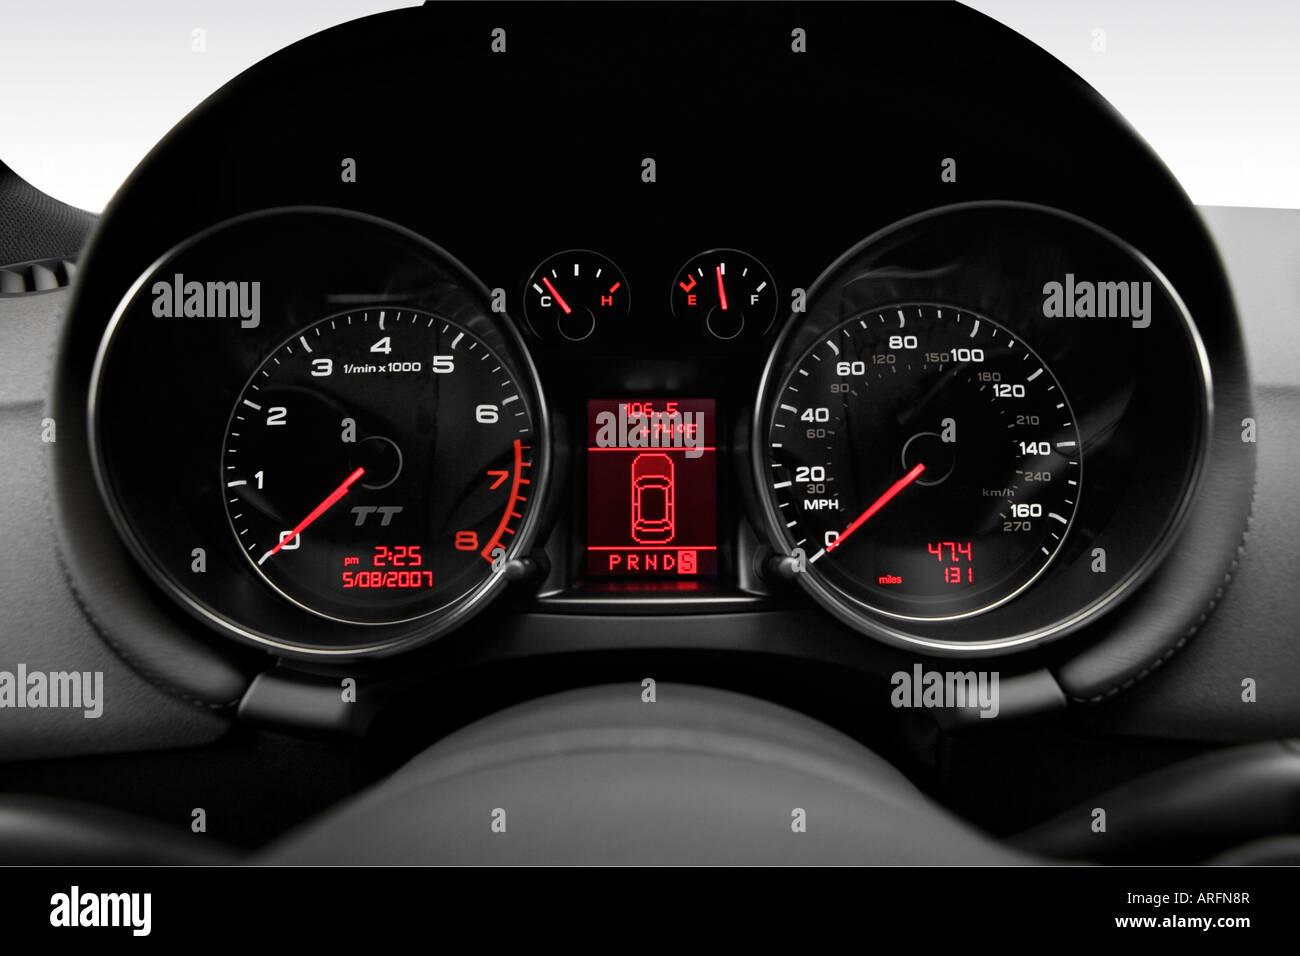 2008 Audi TT 32 quattro in Silver  Speedometertachometer Stock